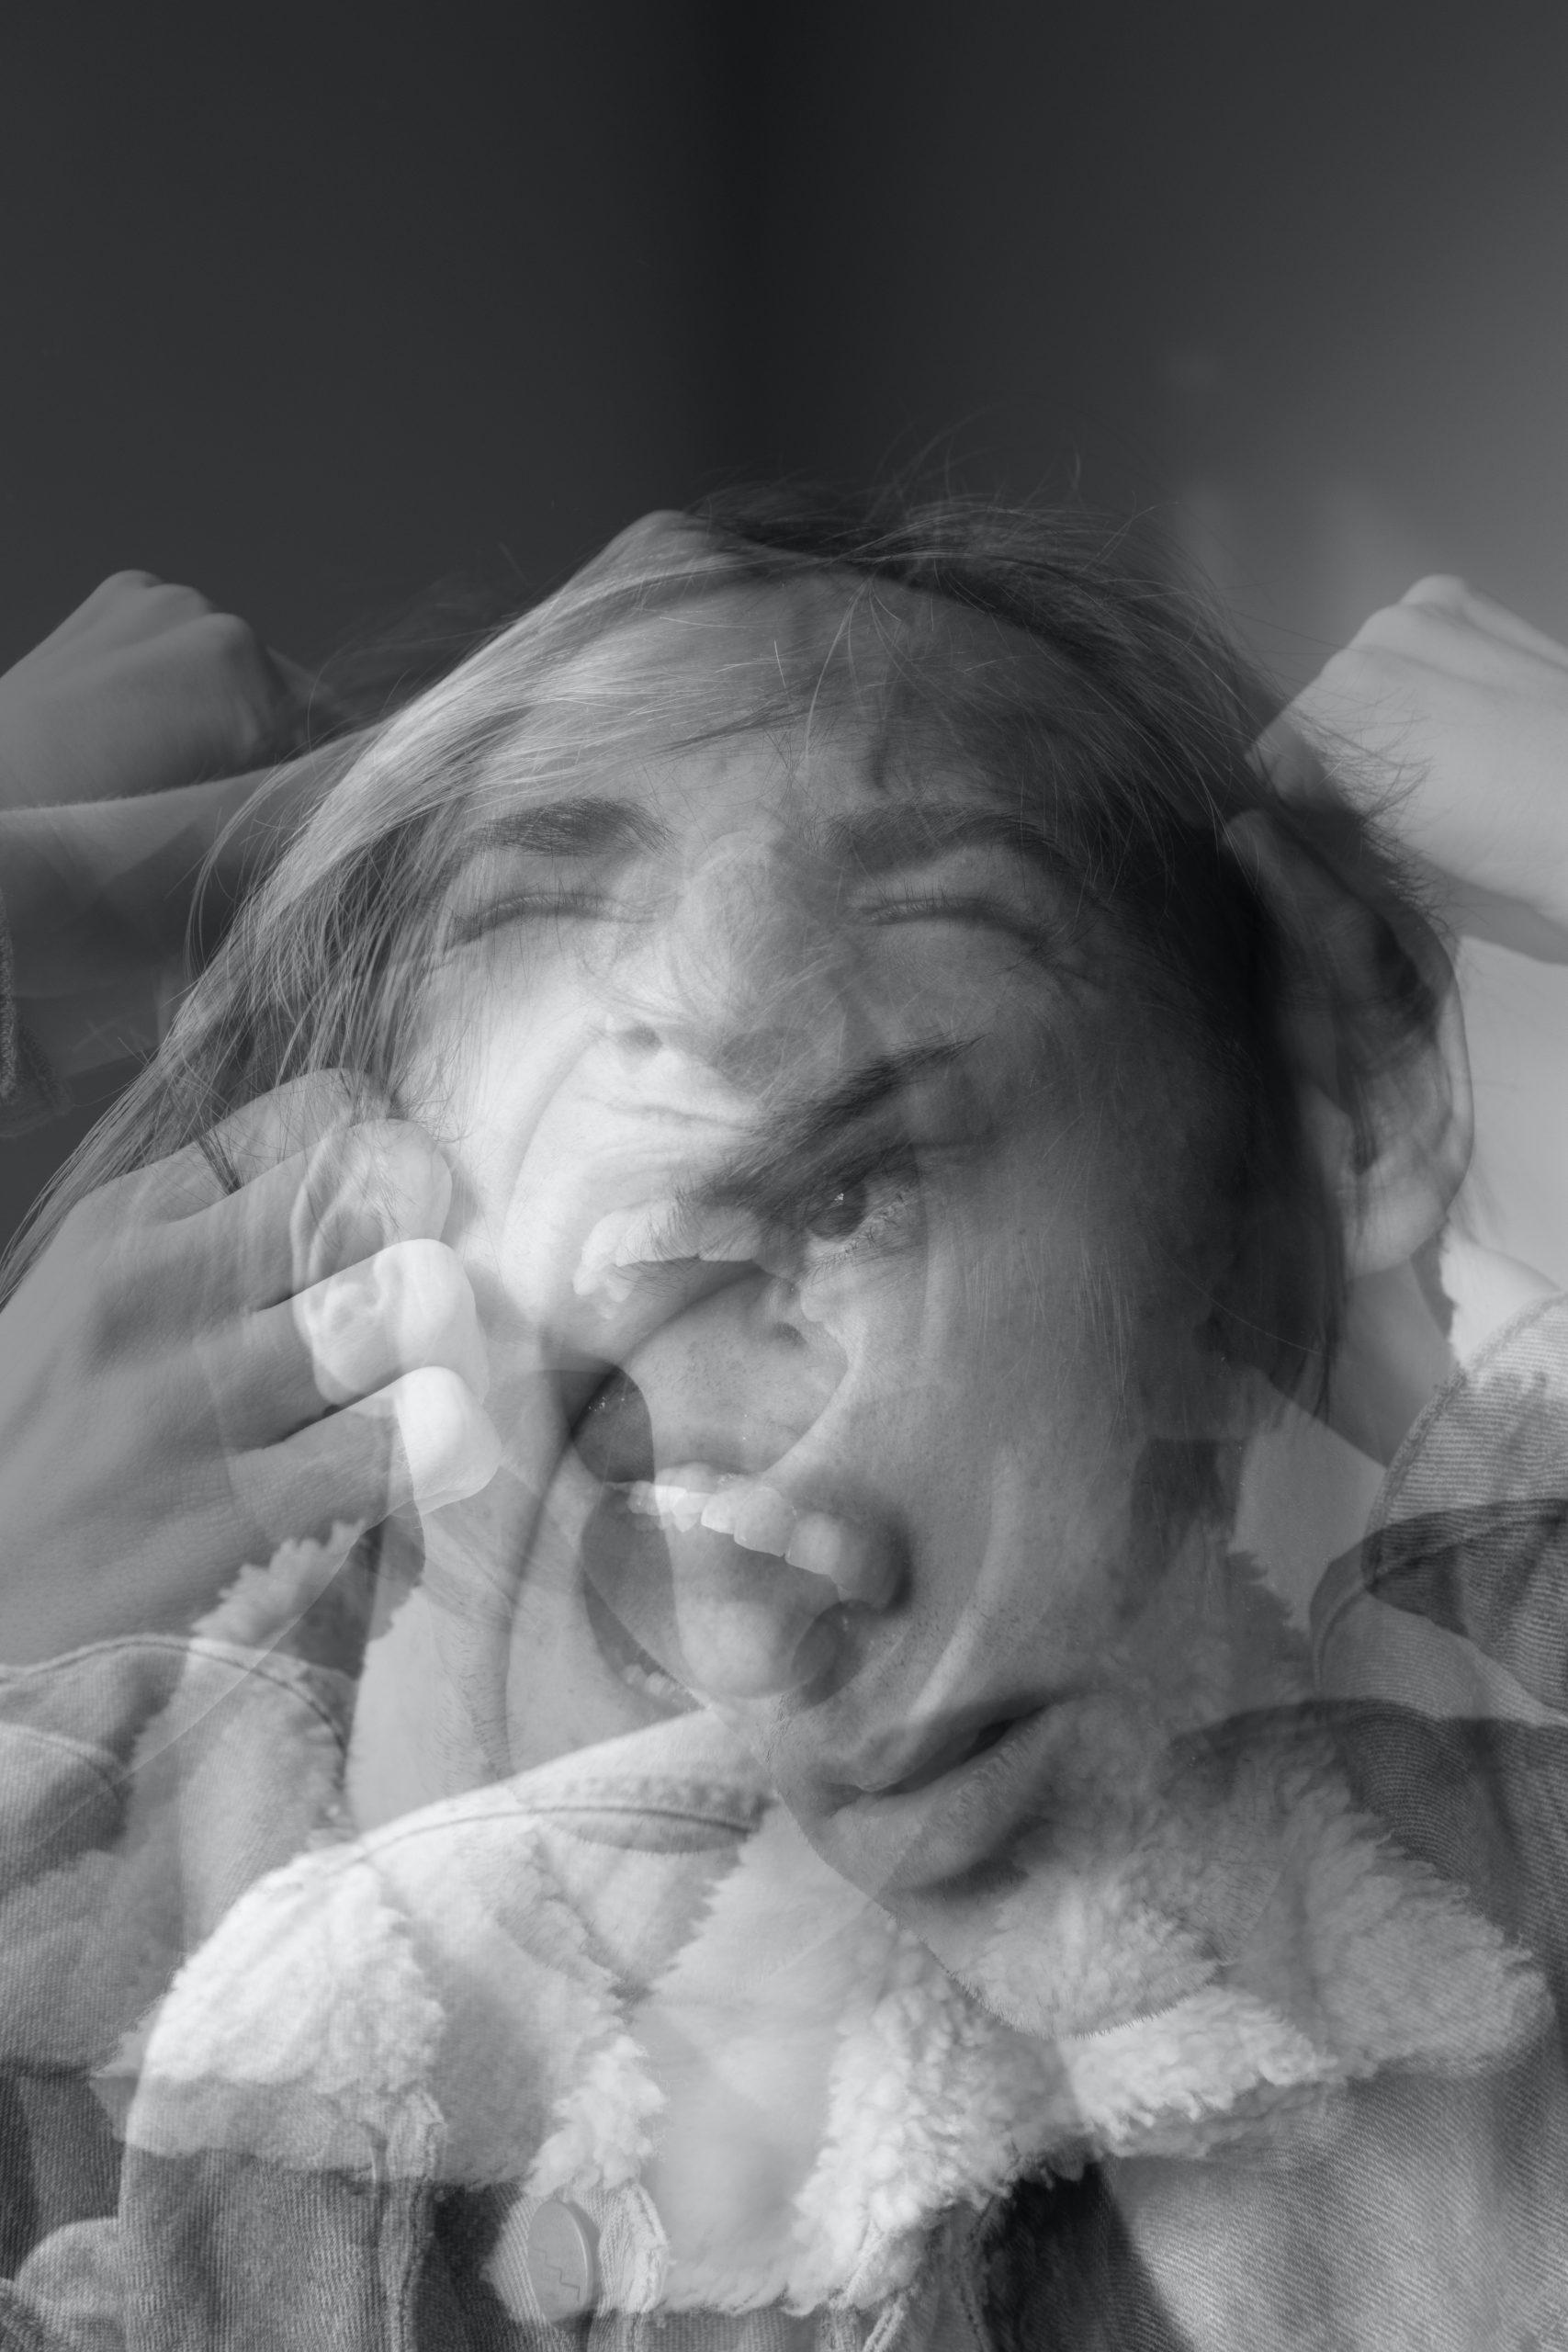 Superposition des émotions (mon interprétation) - Photo de Callum Skelton